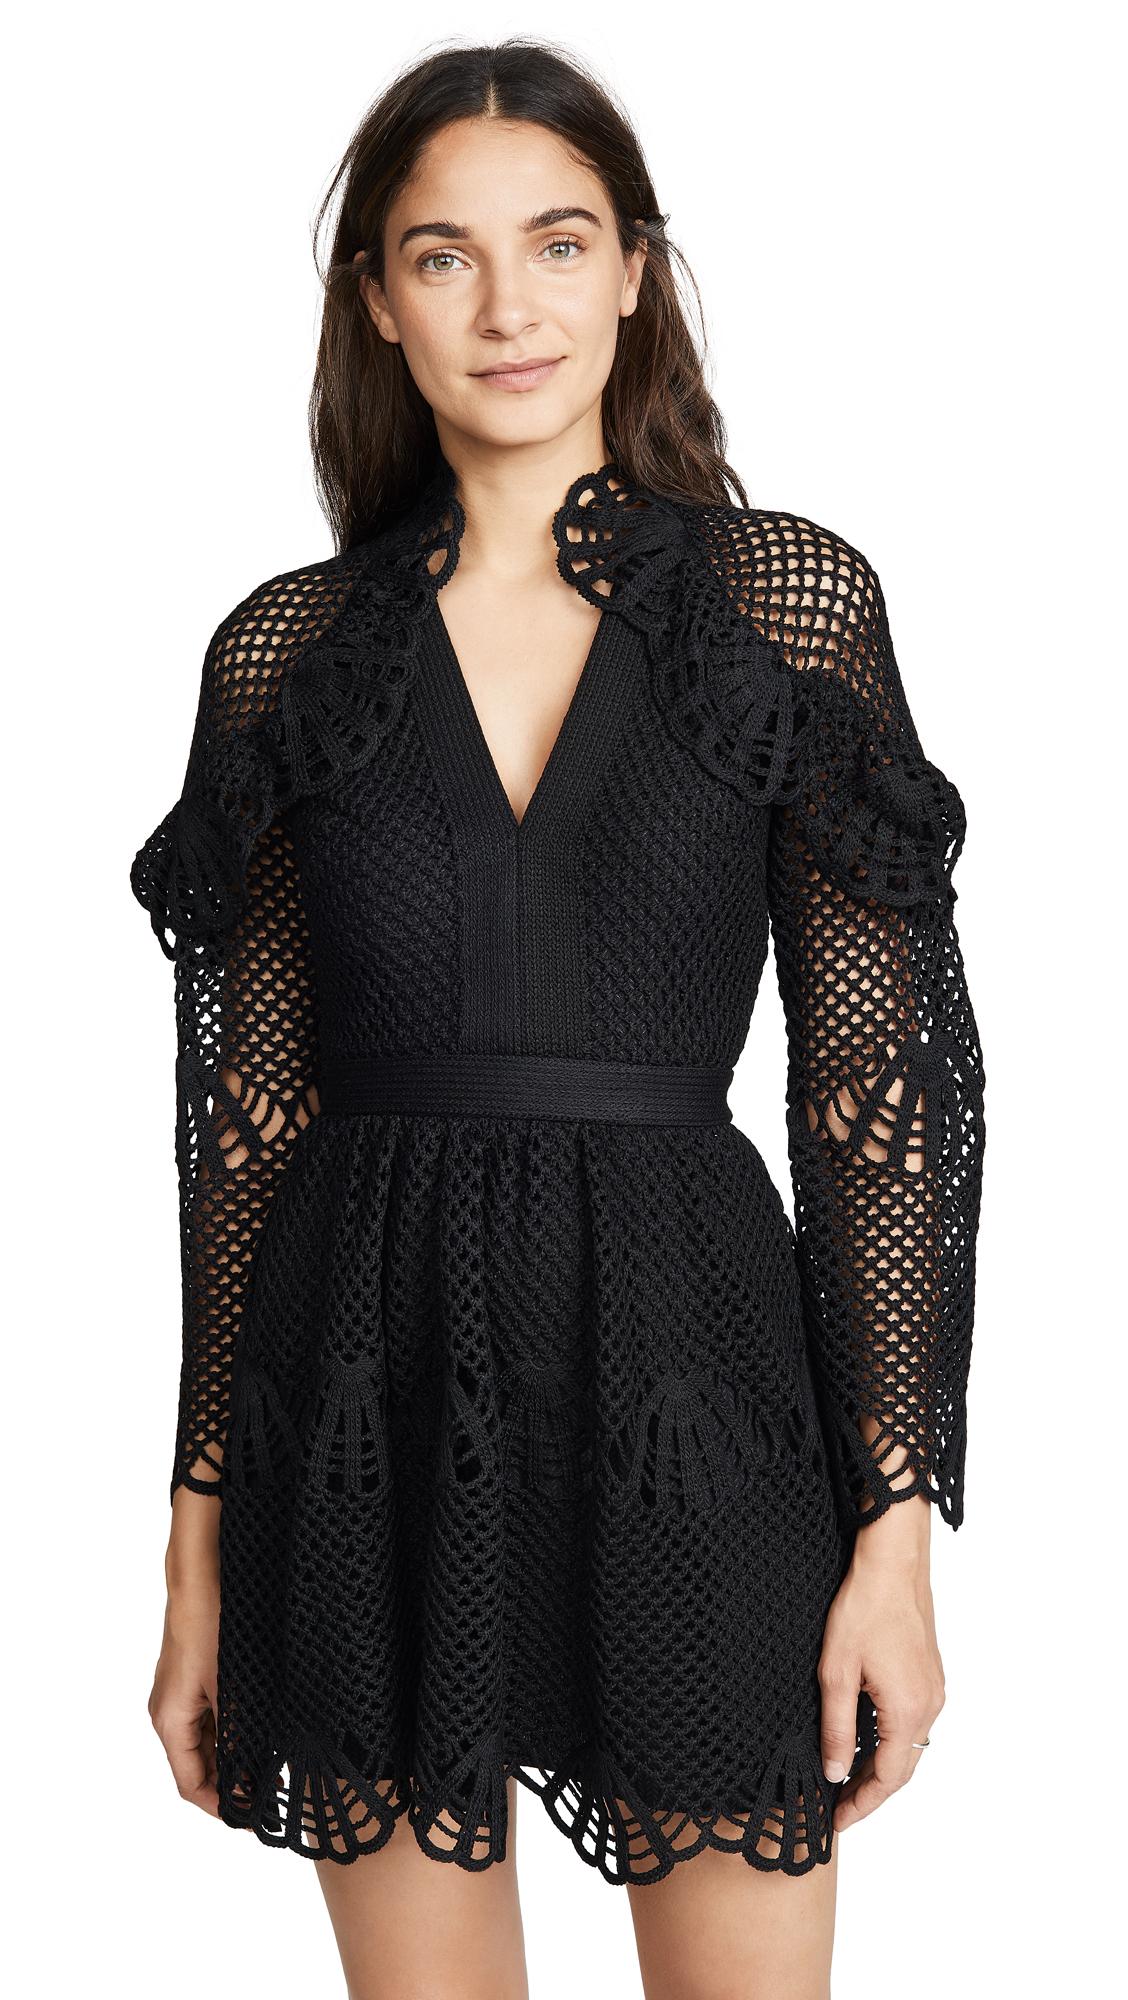 Self Portrait Crochet Mini Dress In Black